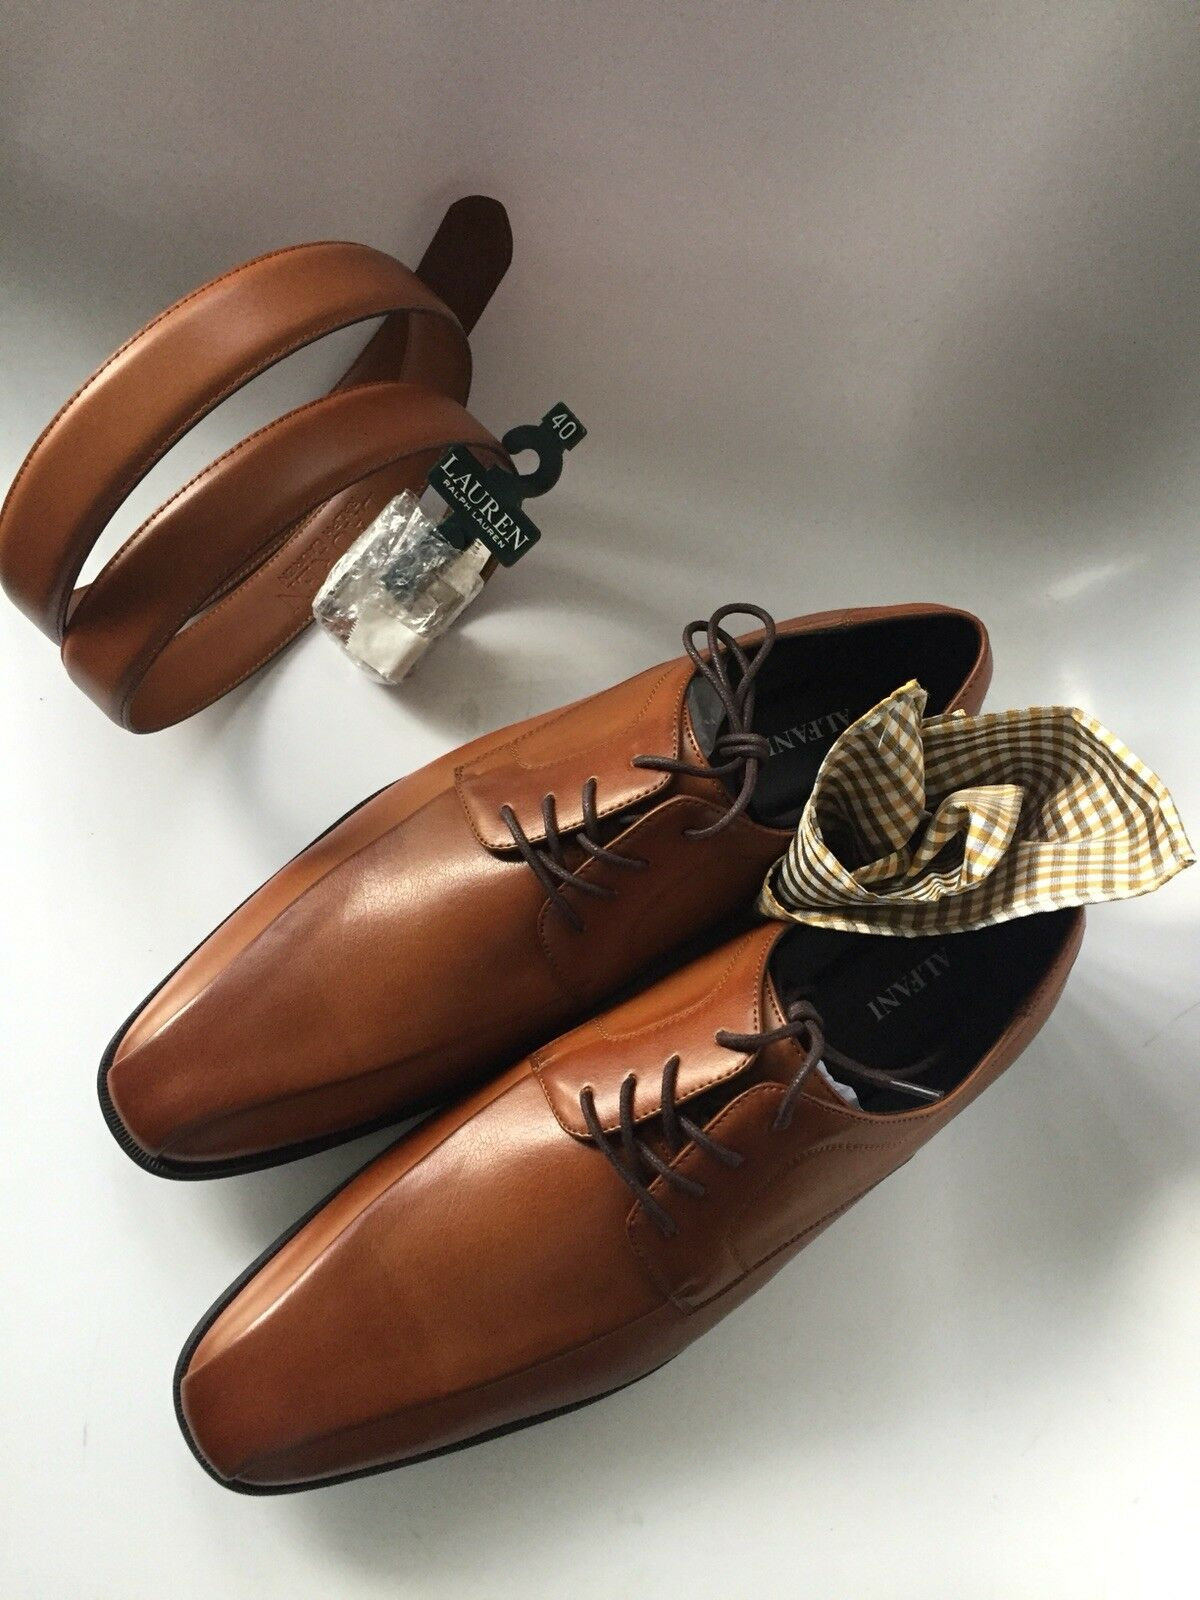 033b397532e4 ... Men s Men s Men s Alfani Seth Tan Dress shoes Size 13 M Ralph Lauren  Belt Sold Separately ...